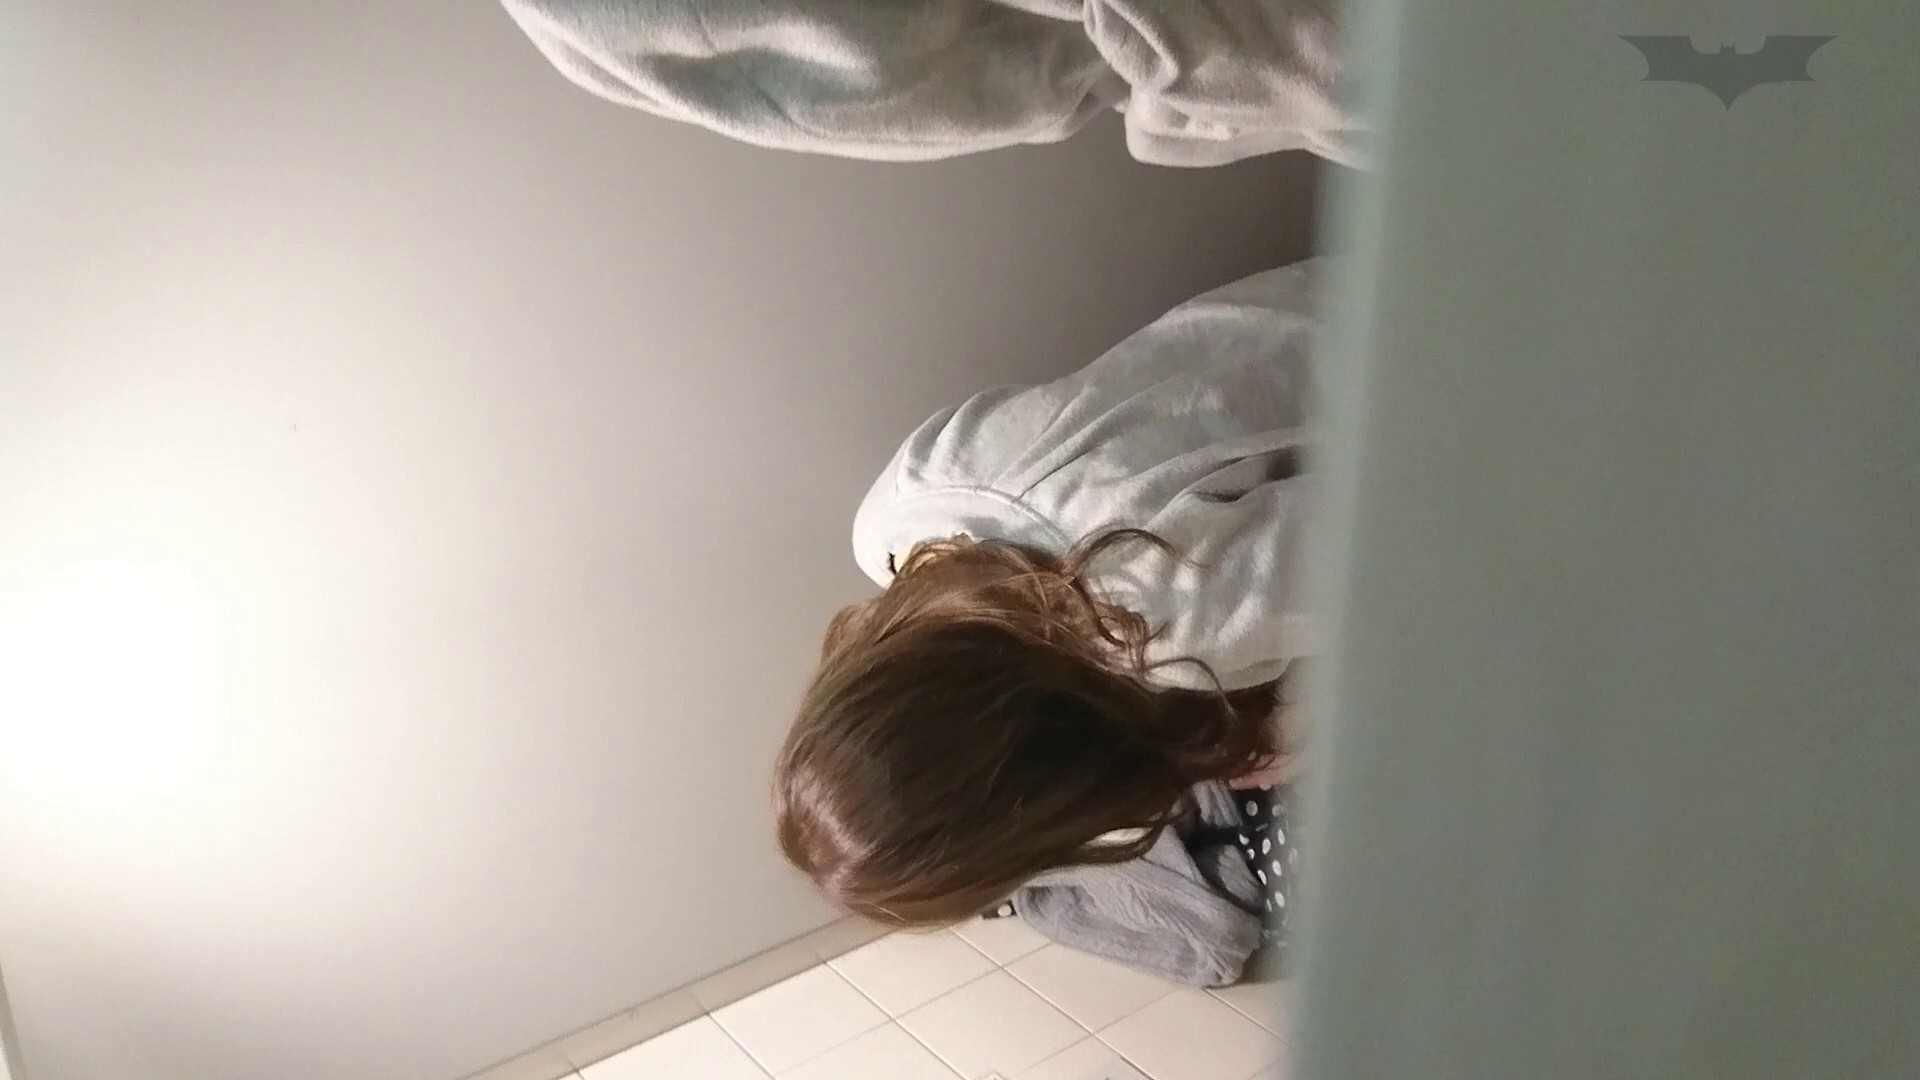 化粧室絵巻 ショッピングモール編 VOL.11 美肌   丸見えマンコ  90画像 49